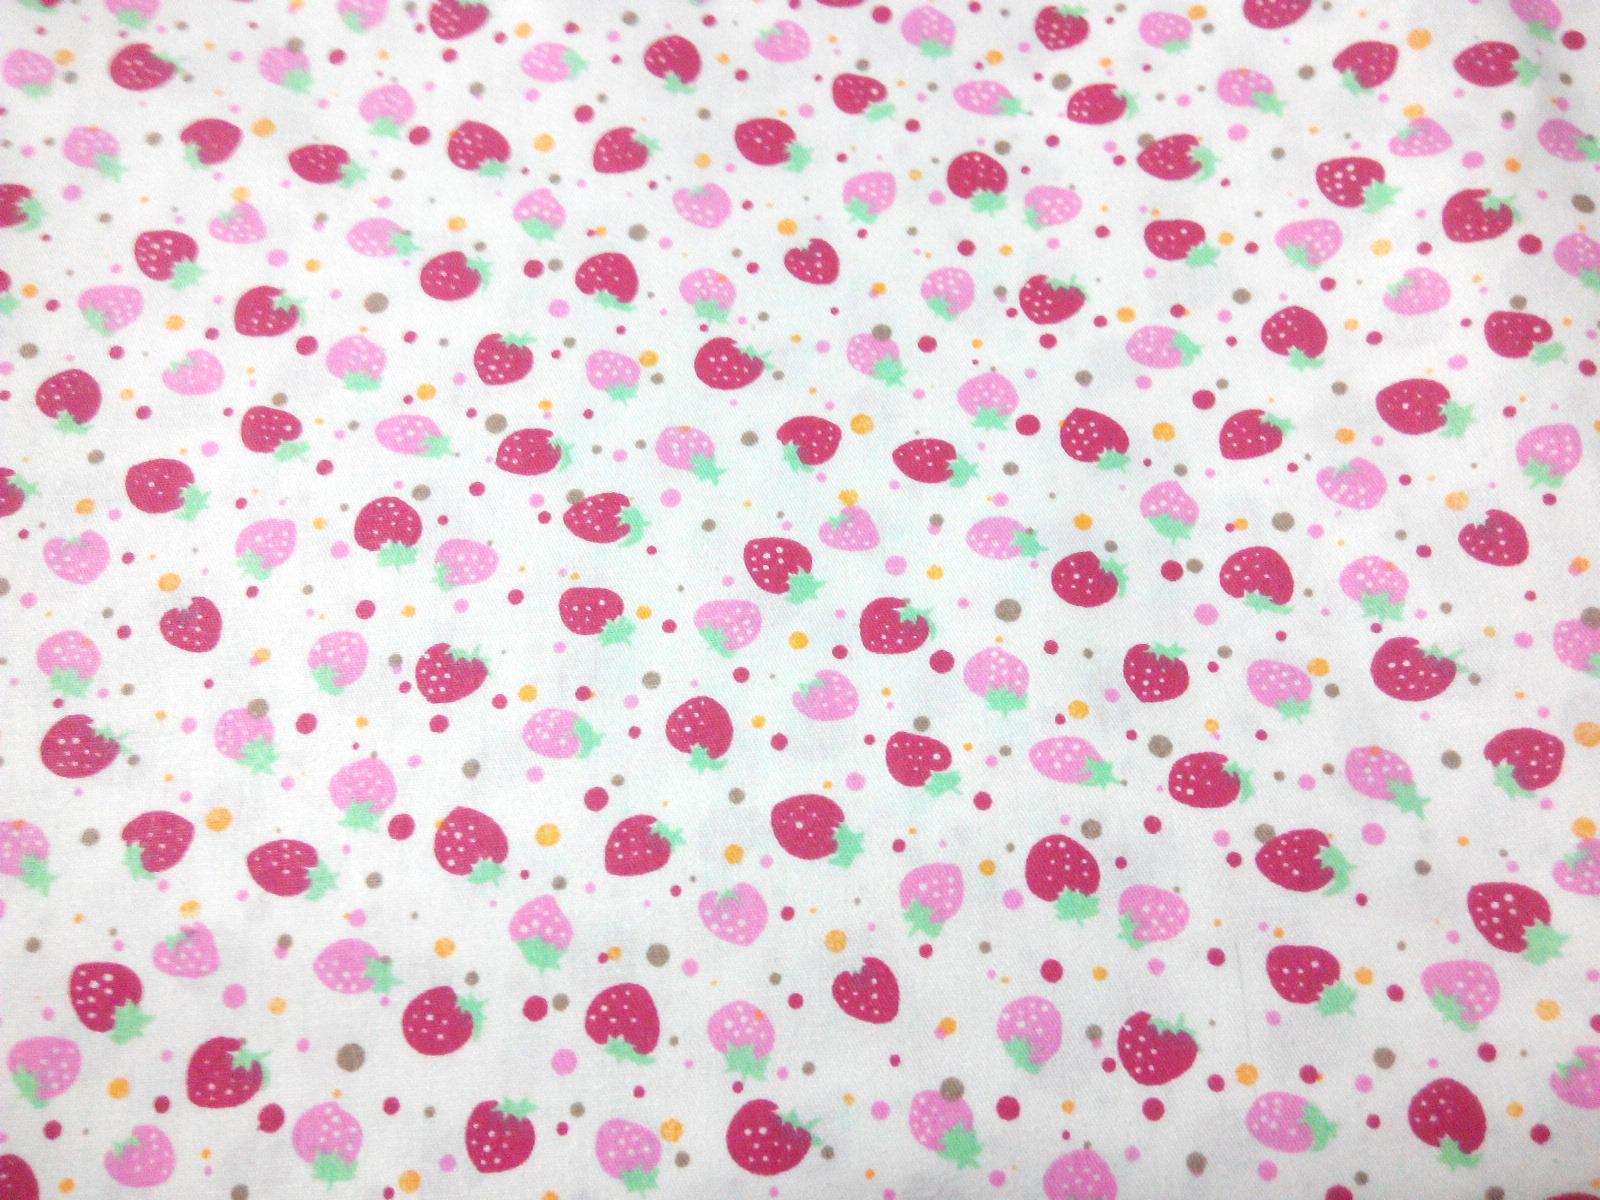 宝宝卡通纯棉全棉布料婴儿床品面料布幼儿园儿童床单被套全棉布批图片